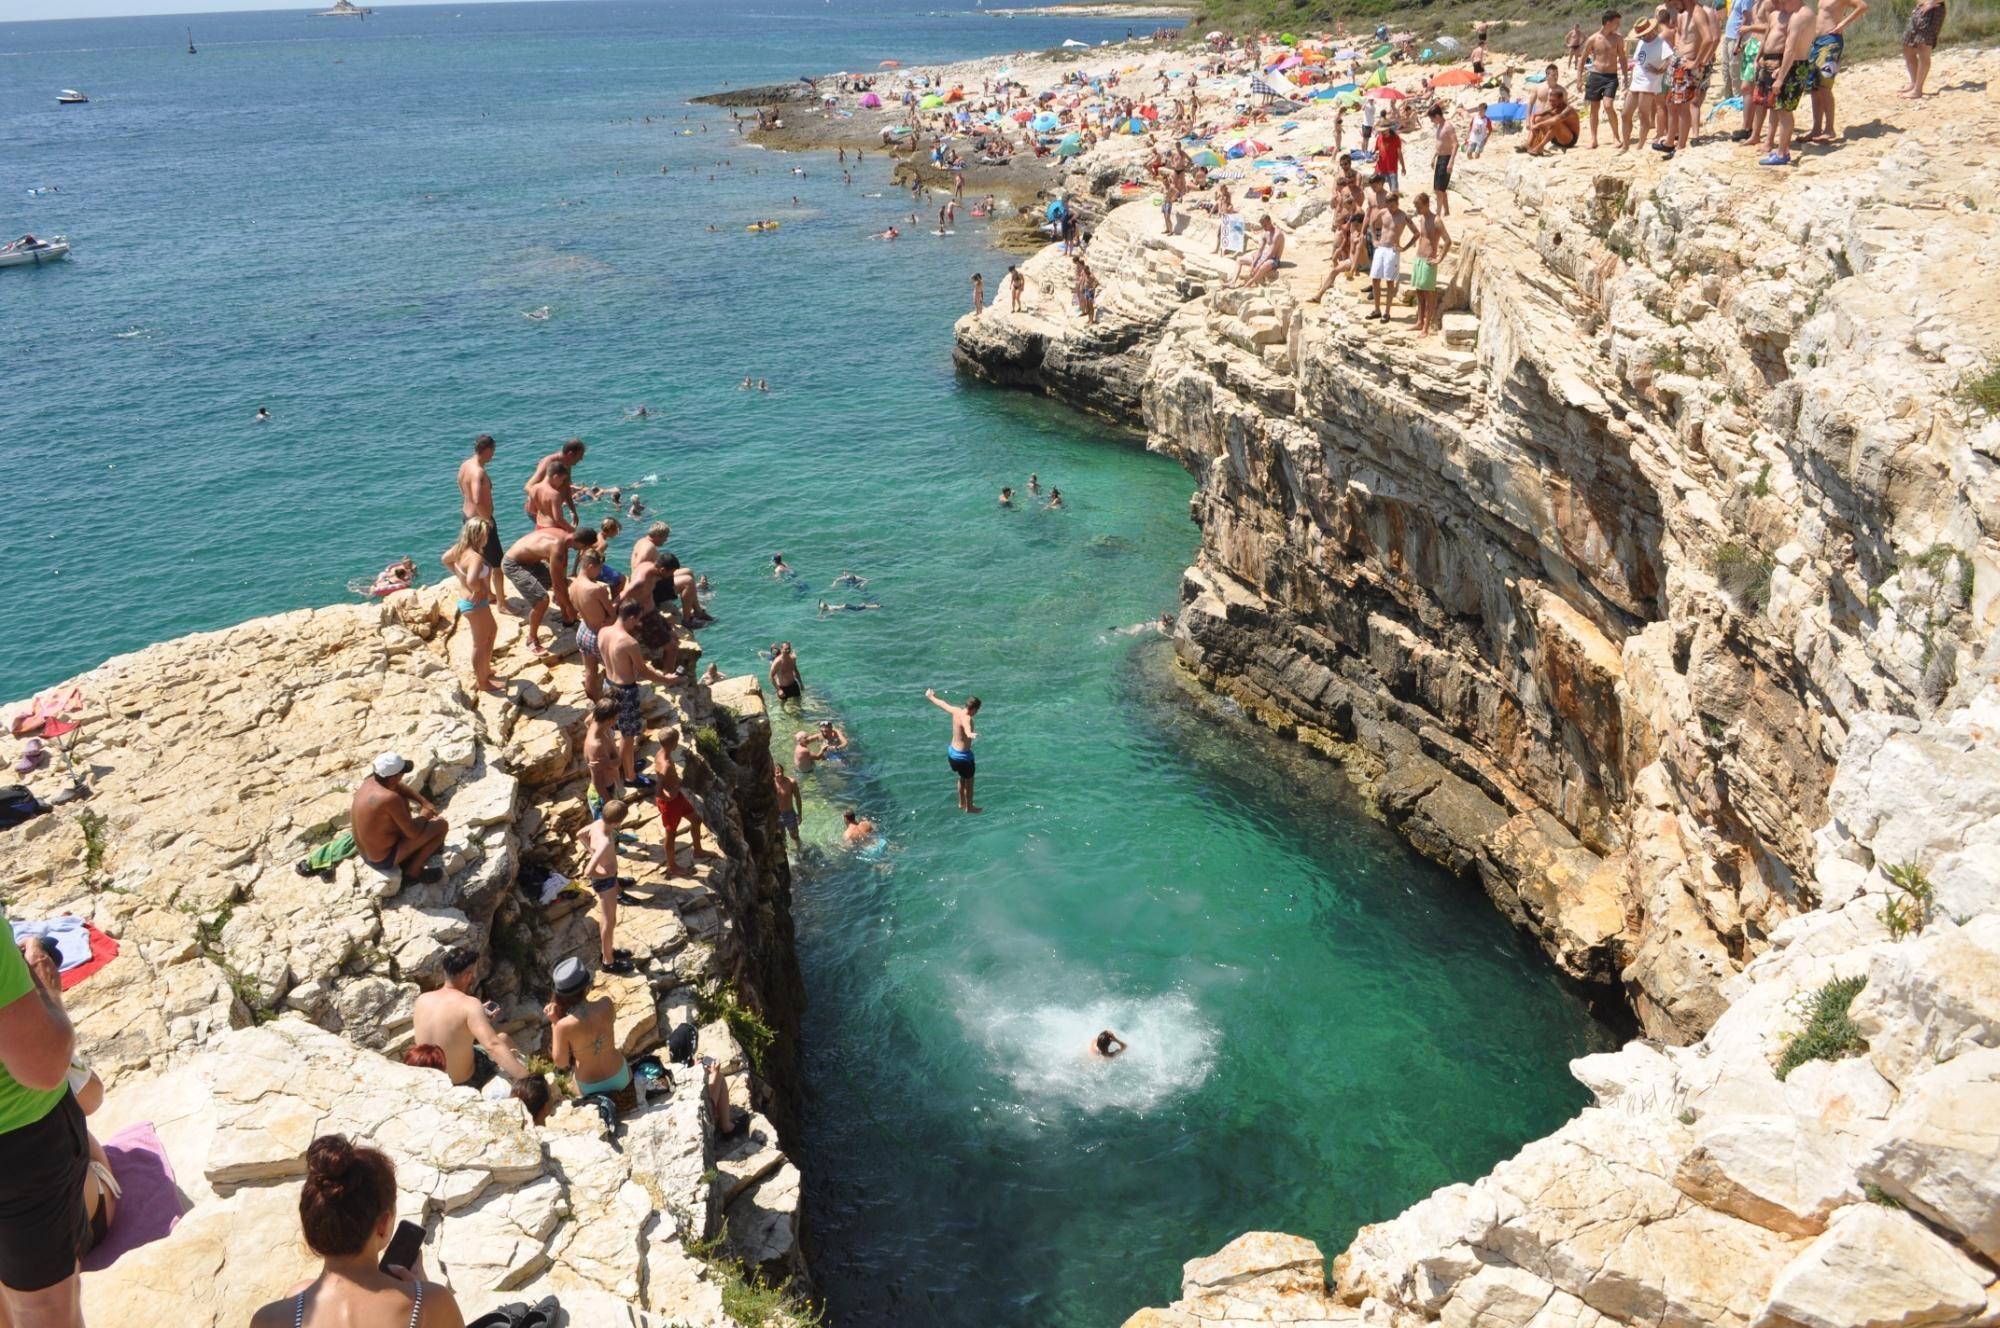 Diver's cliff Kap Kamenjak Kroatien, Kap kamenjak, Reisen